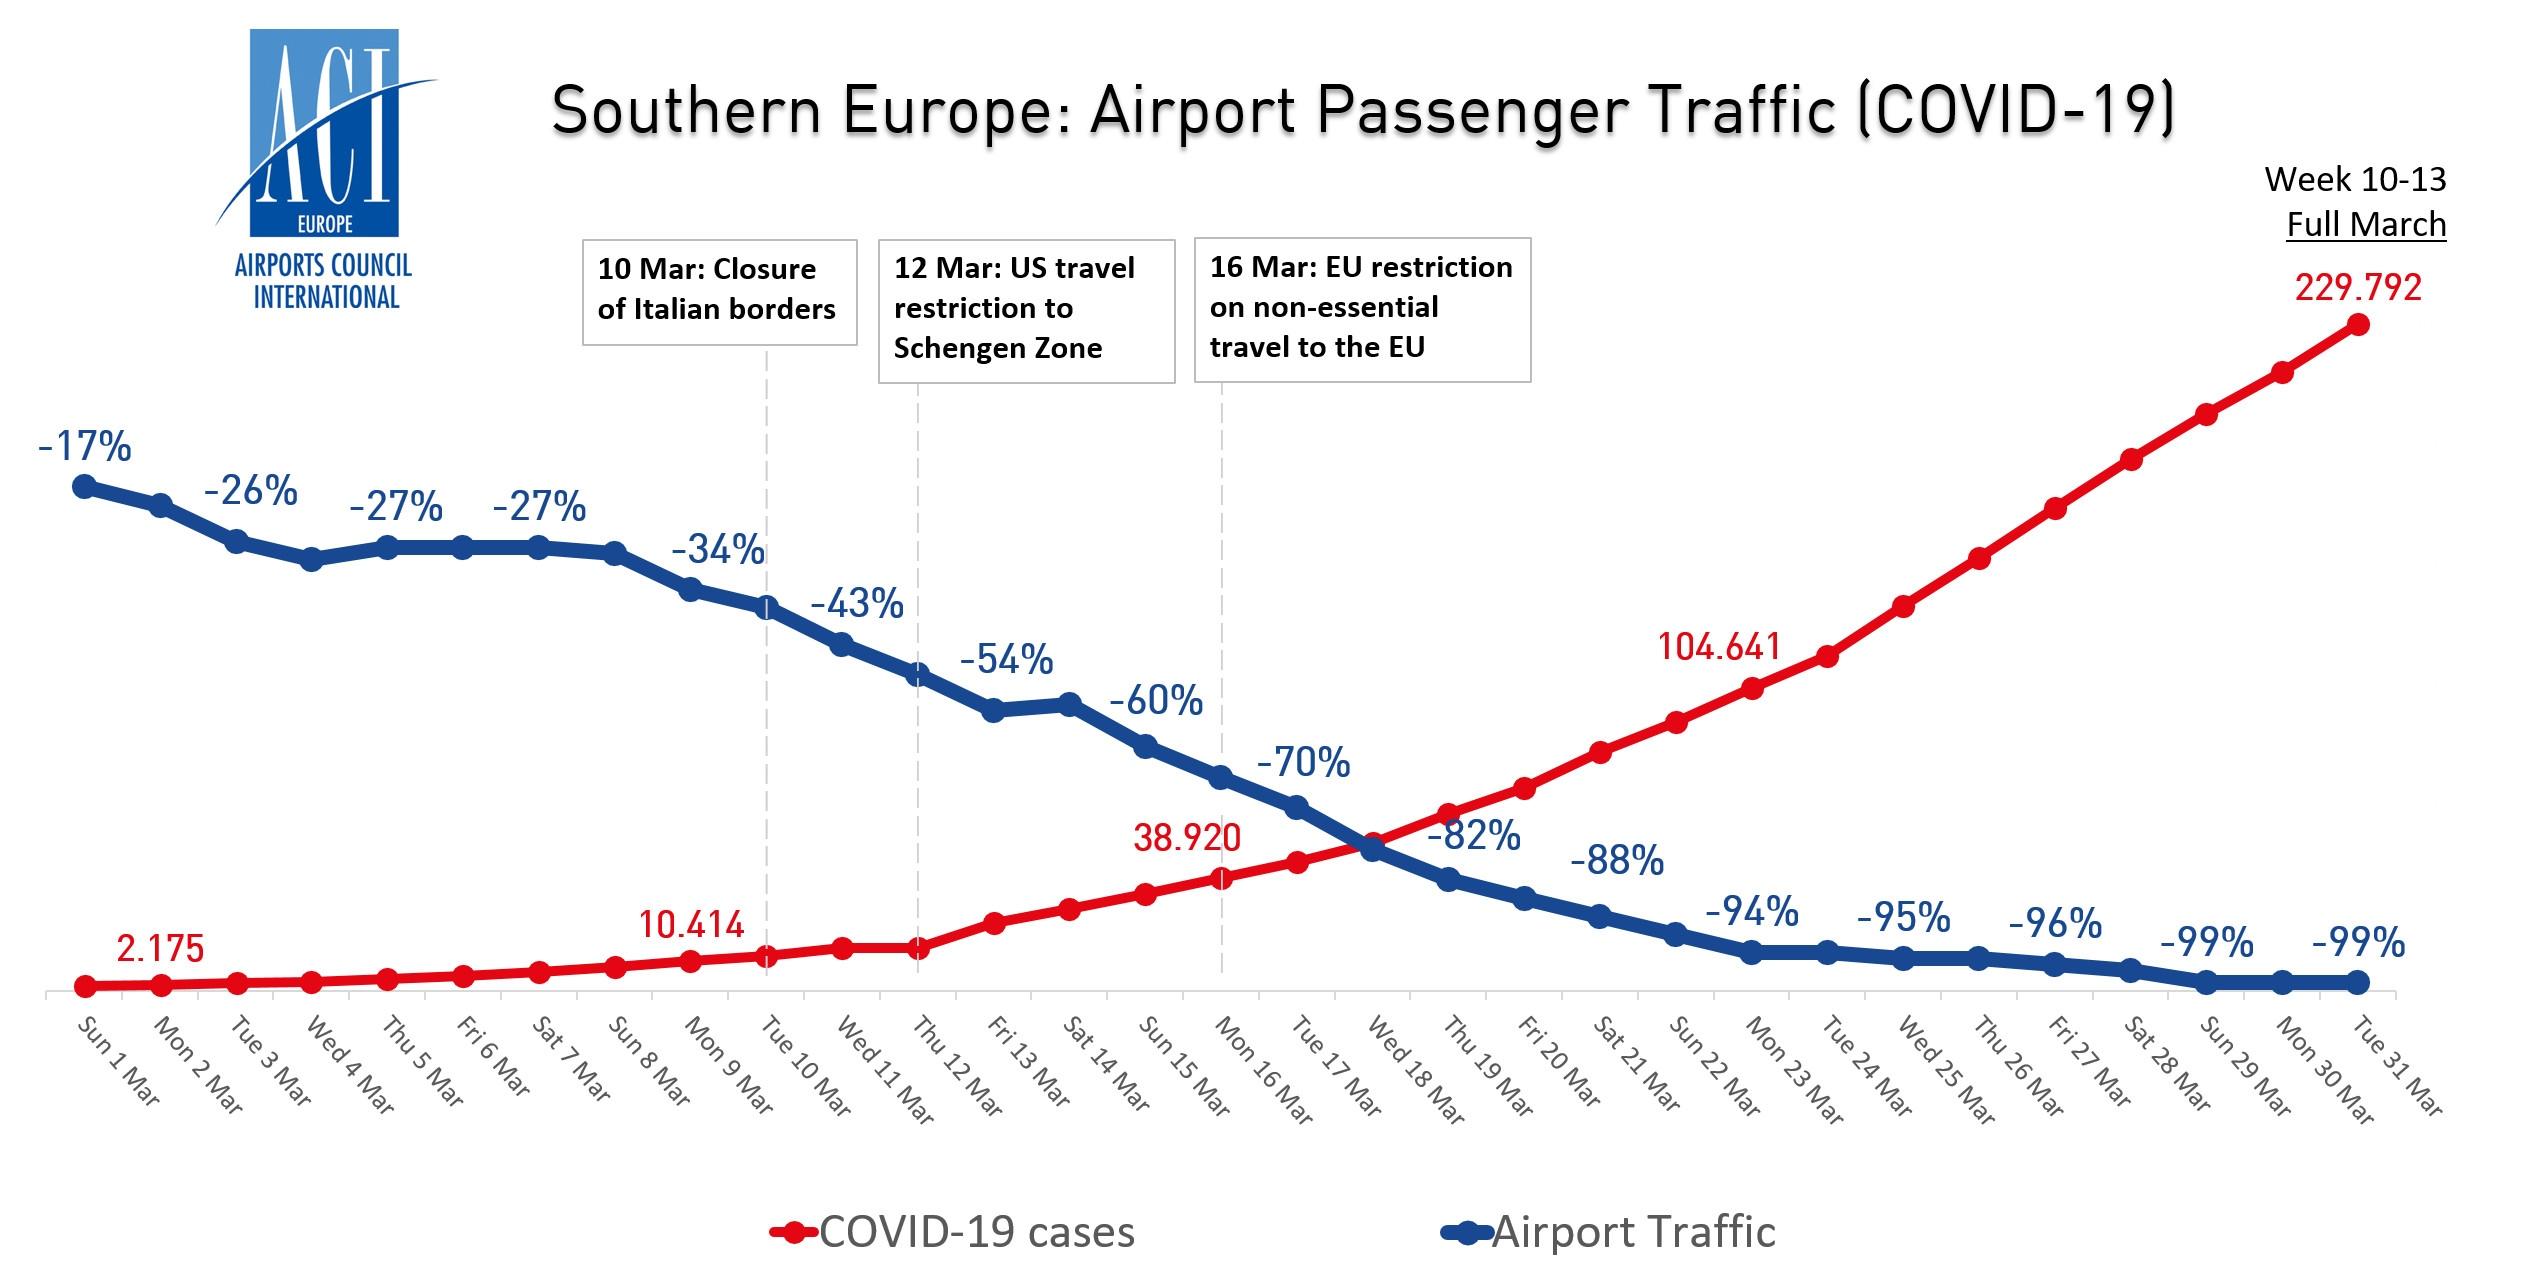 南欧机场客流量与新冠病毒病例走势图